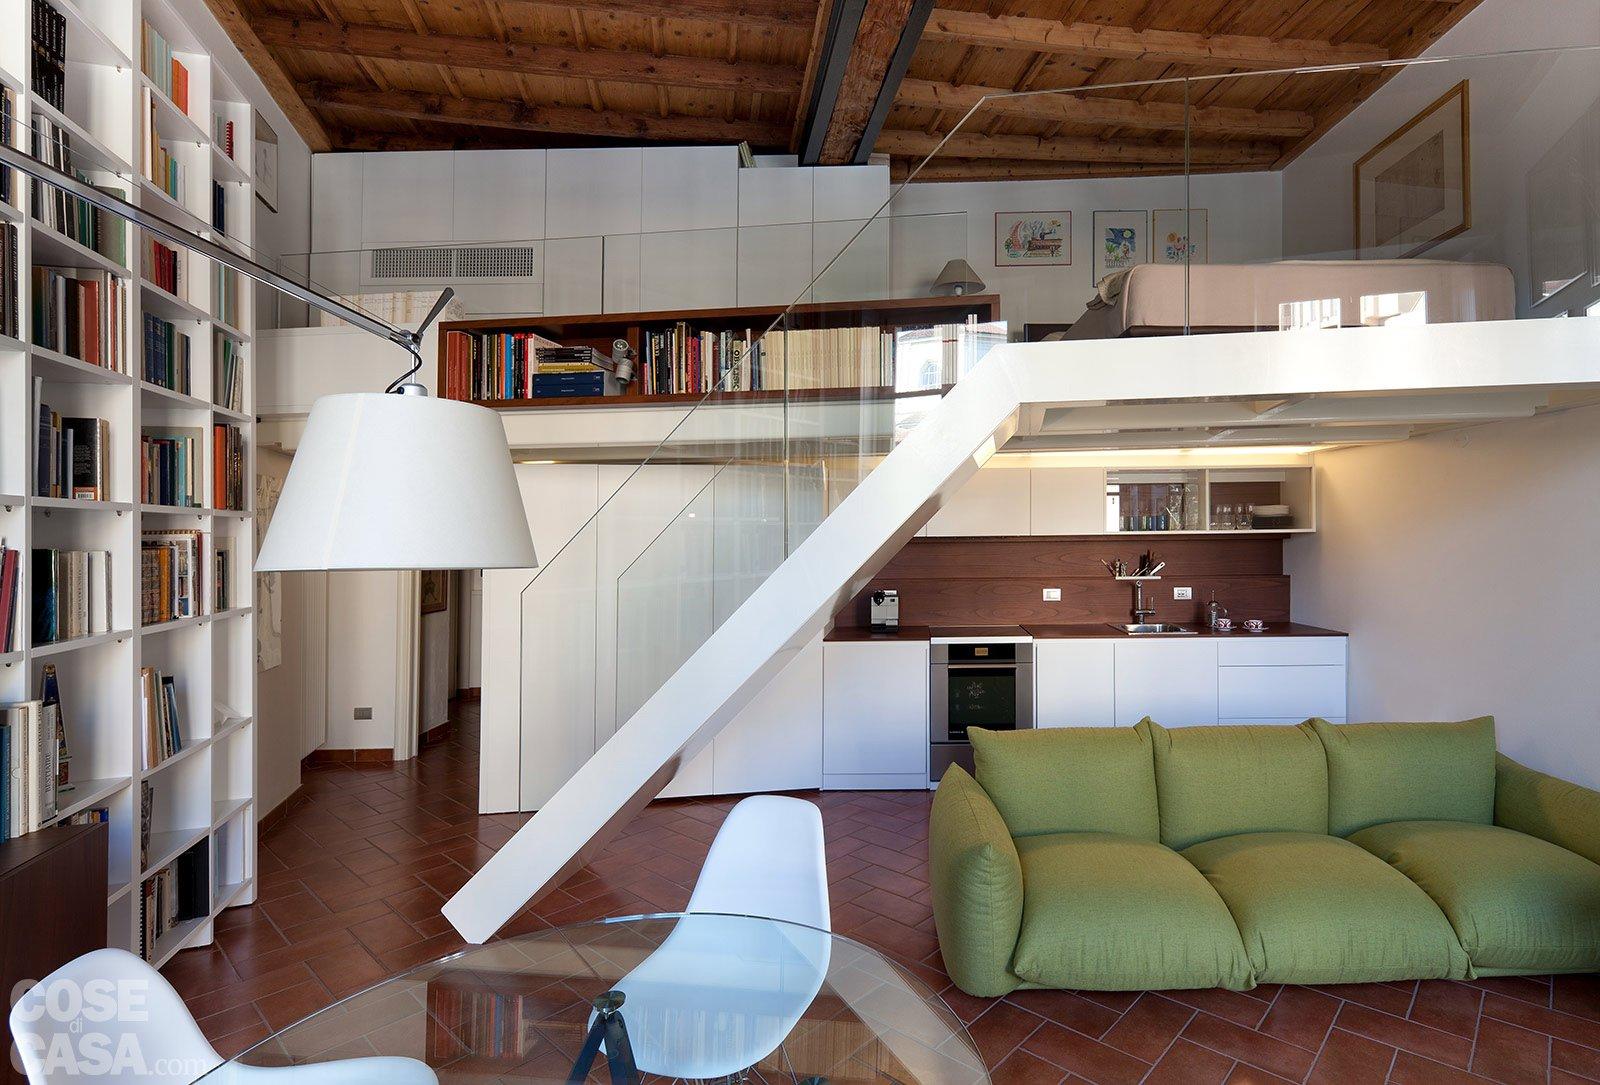 Un monolocale ampliato in altezza - Cose di Casa